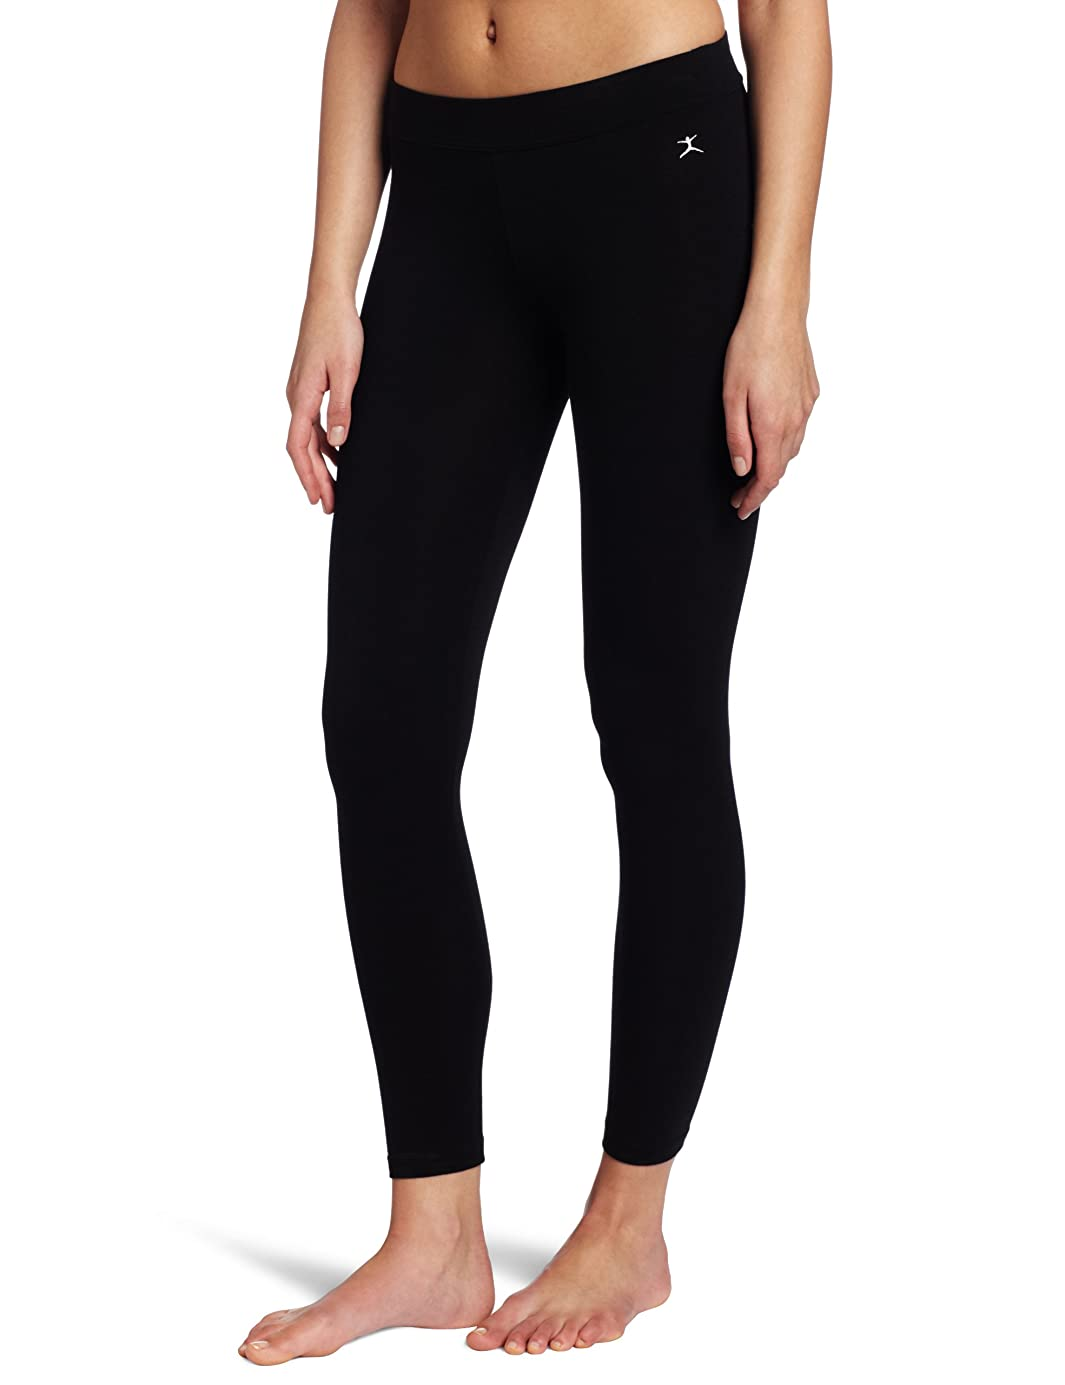 6e74c5ee78 dance leggings for women - heavenlydentalcafe.com